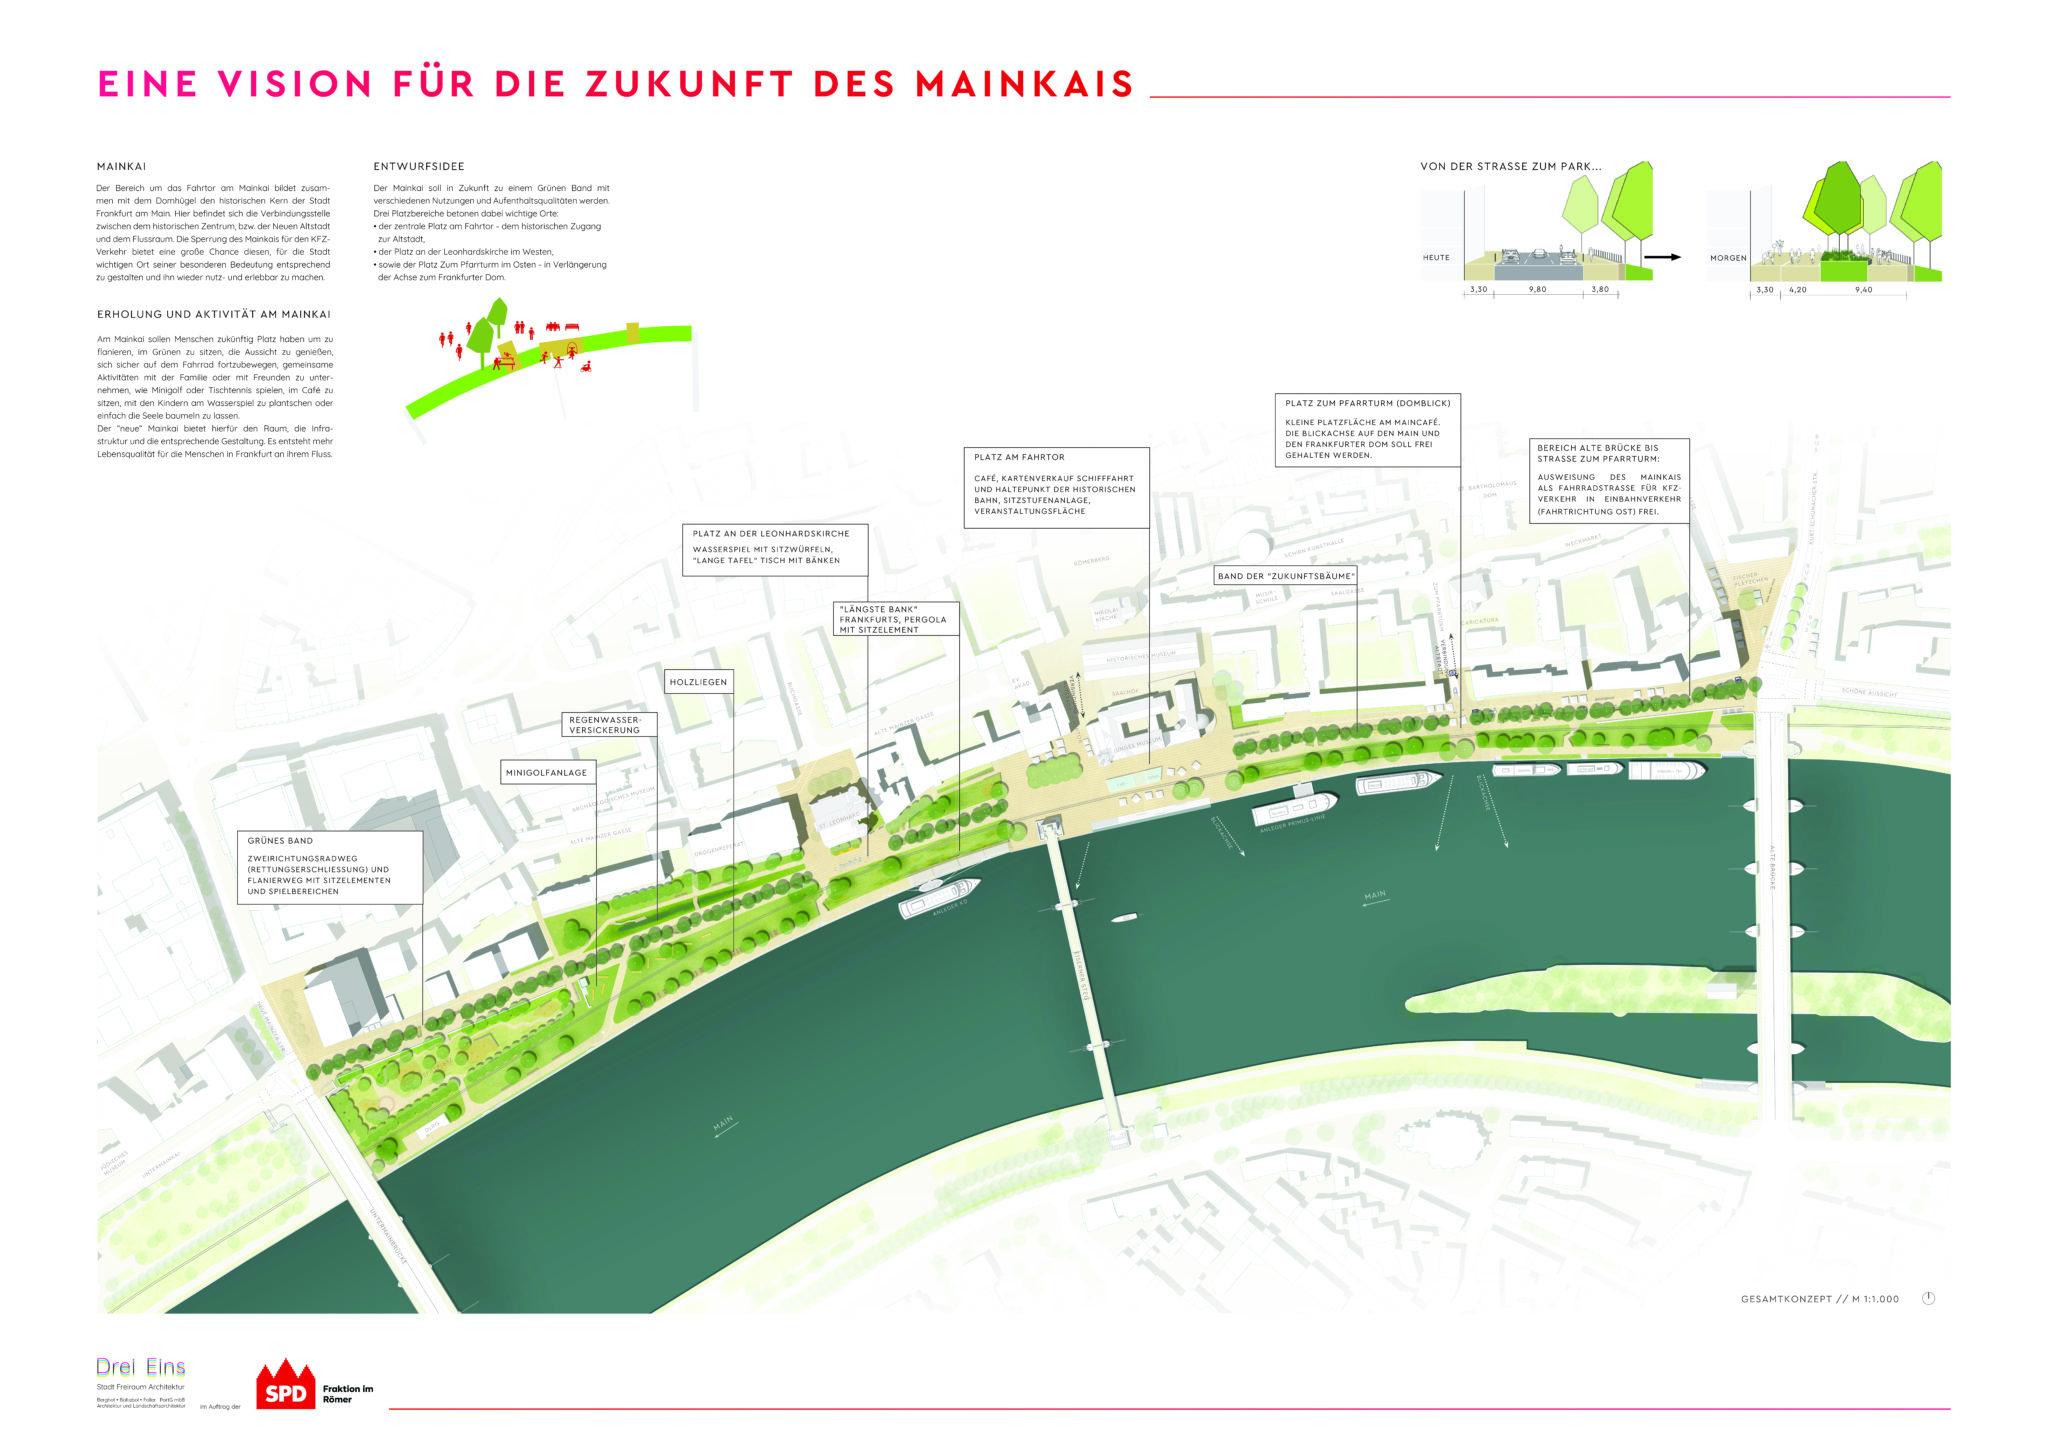 Unsere Vision vom Mainkai: Gesamtübersicht mit Erklärungen einzelner Stellen am Mainufer